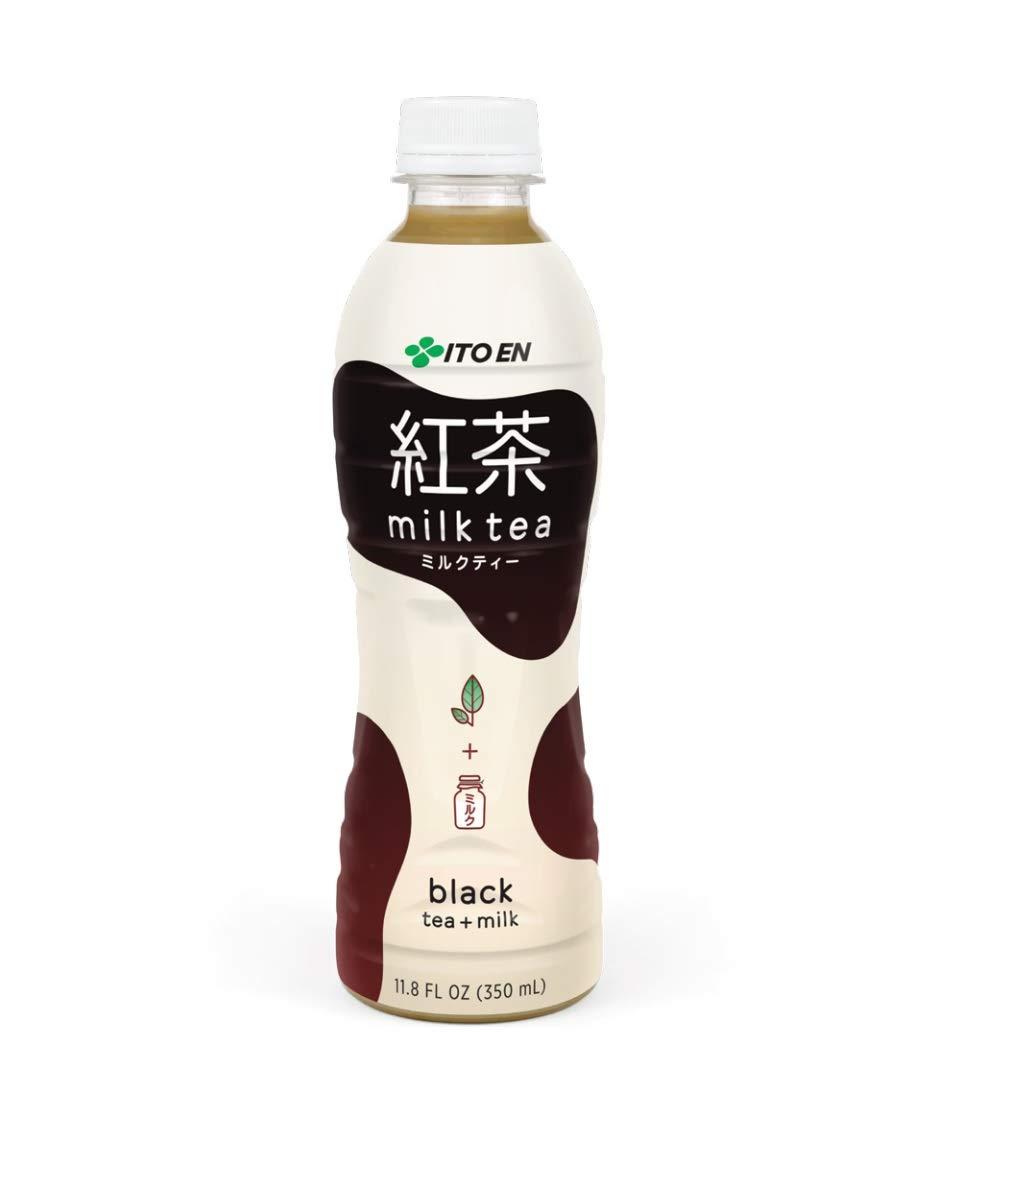 Ito En Black Tea + Milk Milk Tea 11.8 oz Plastic Bottles ...